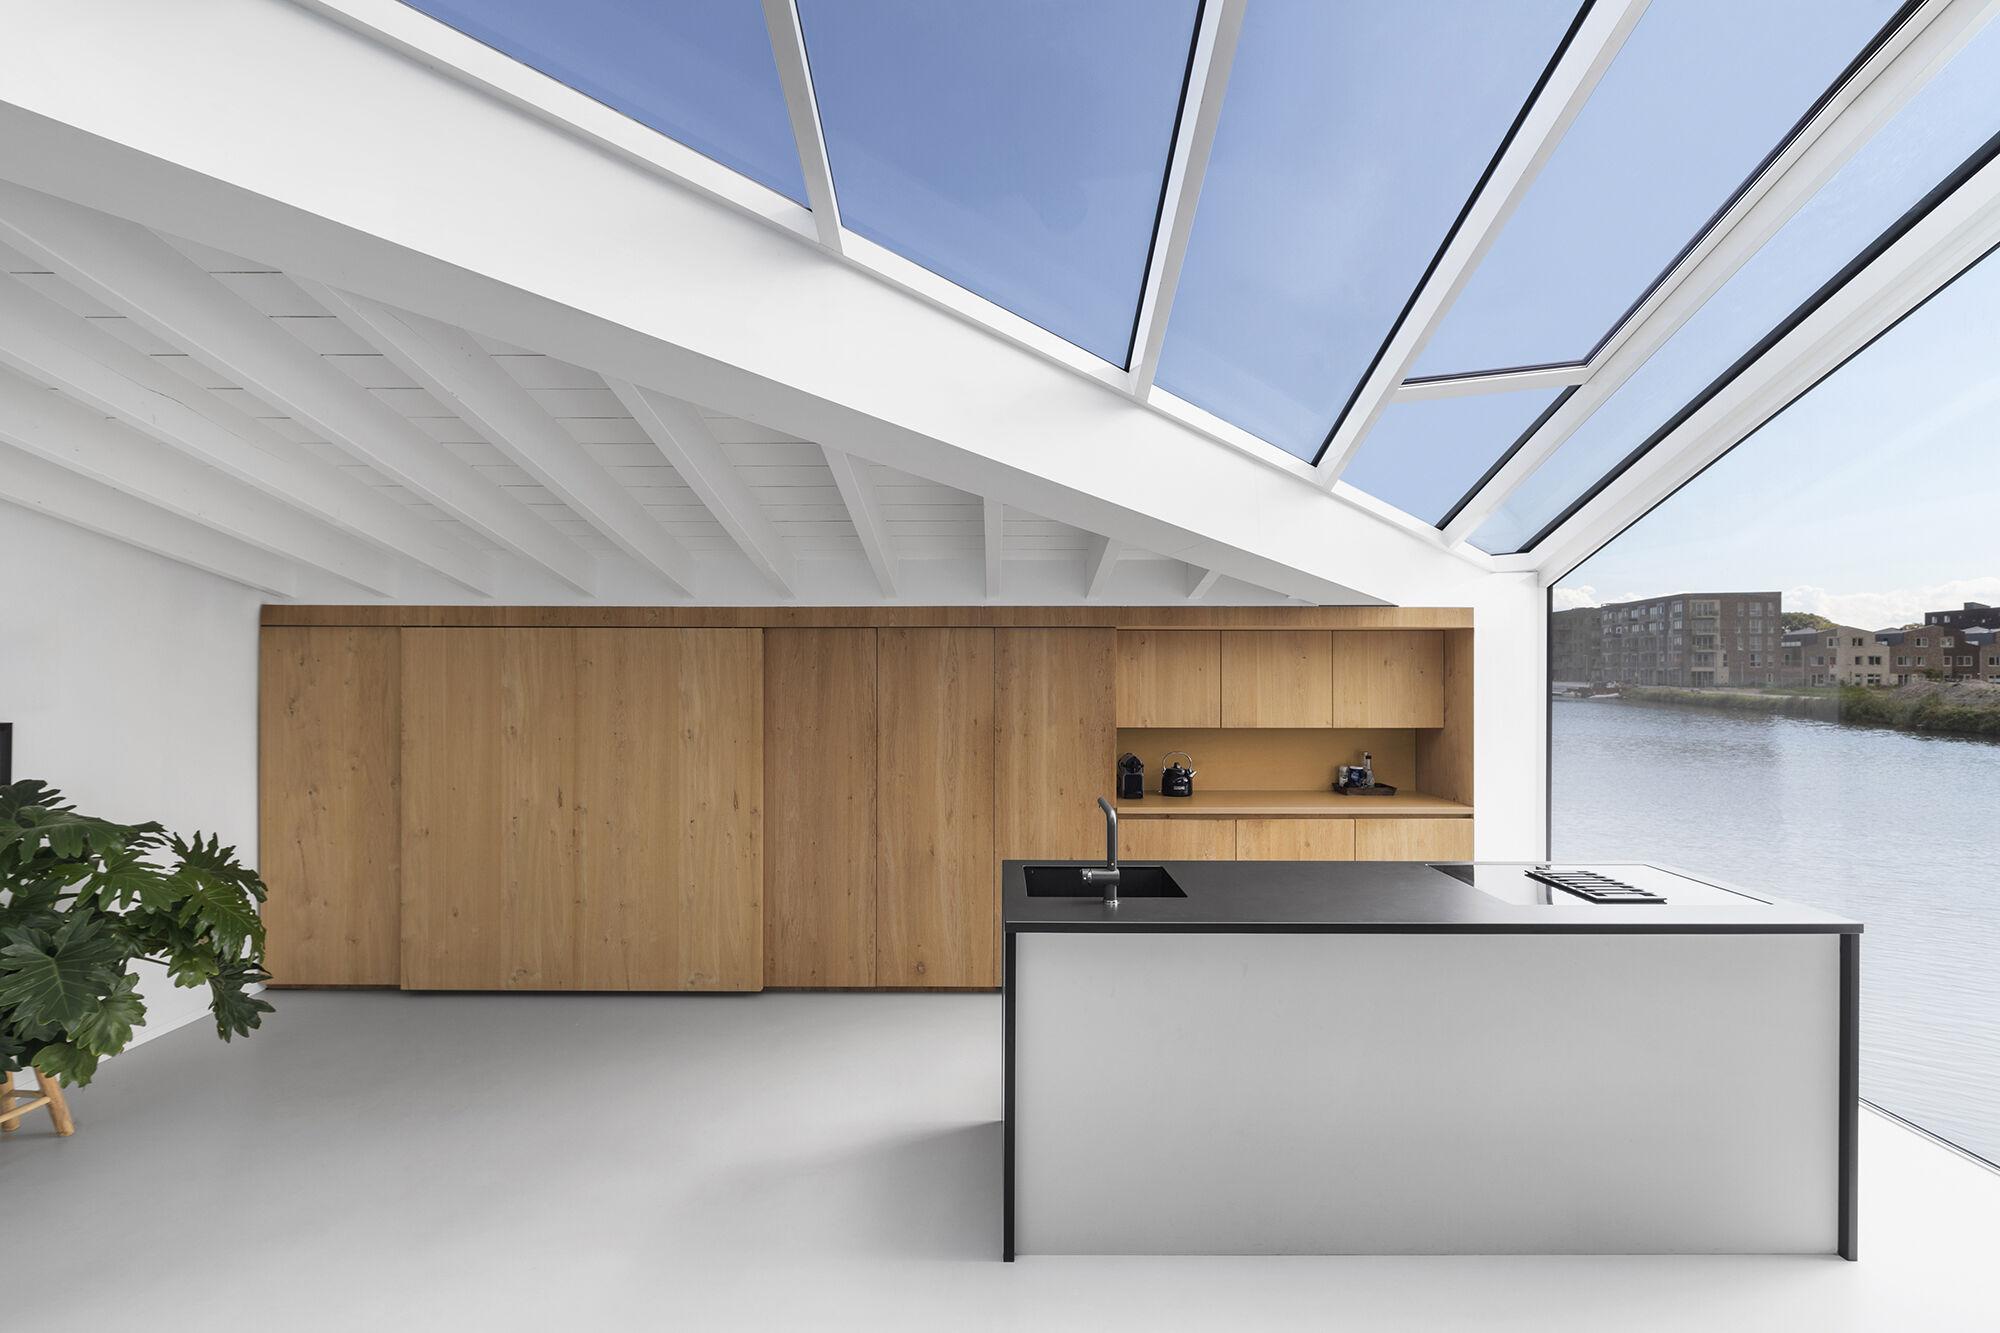 houseboat-cover.jpg